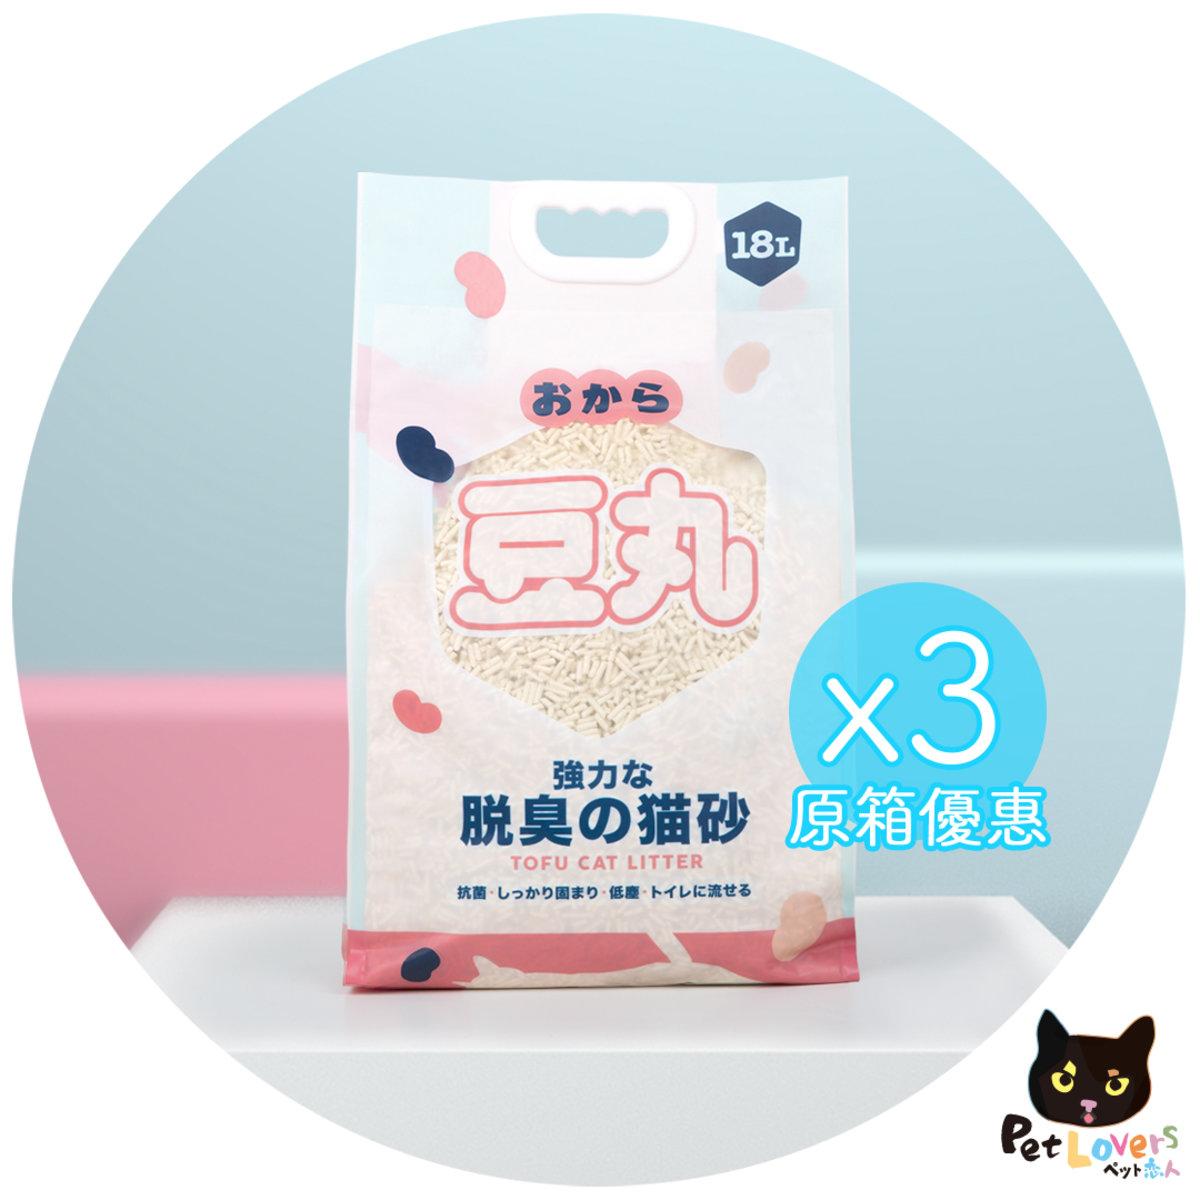 天然原味豆腐貓砂18L x 3 無塵推介